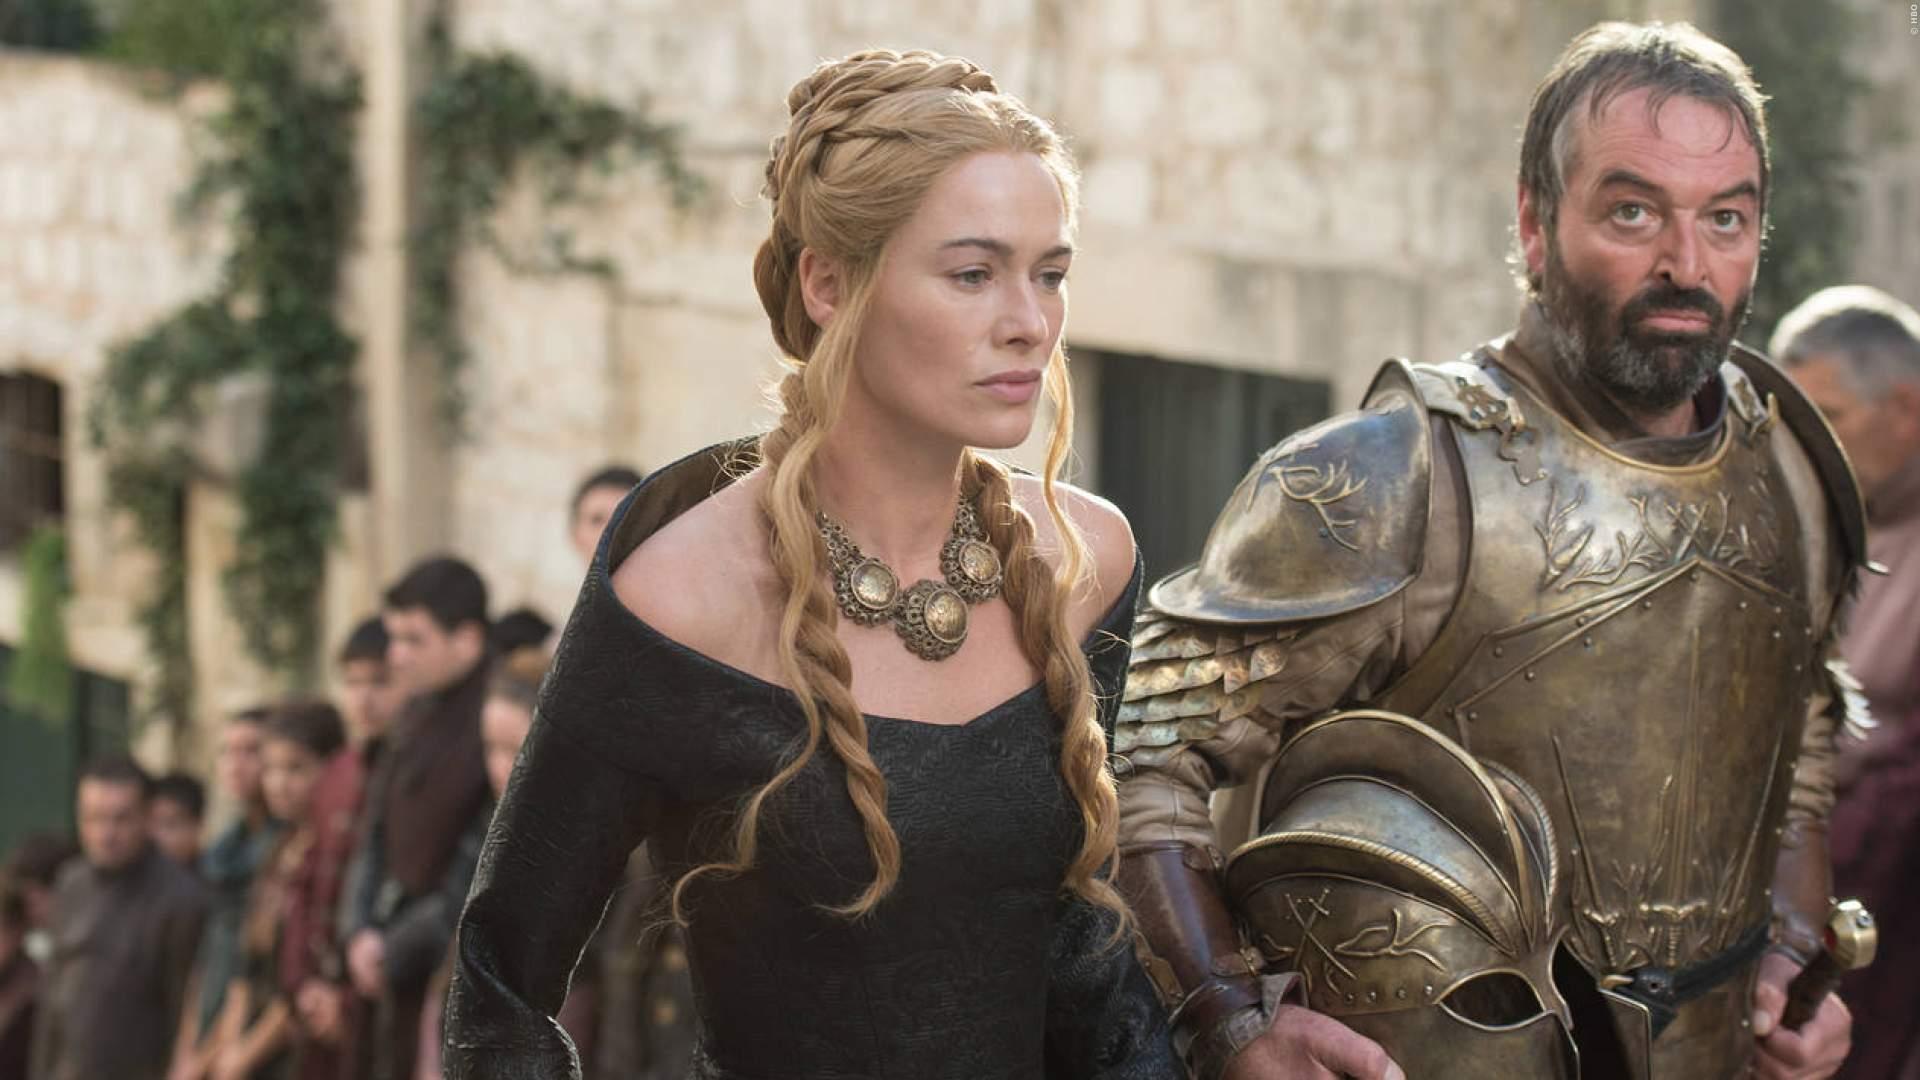 The Witcher will keine Game Of Thrones-Stars - Bild 1 von 1